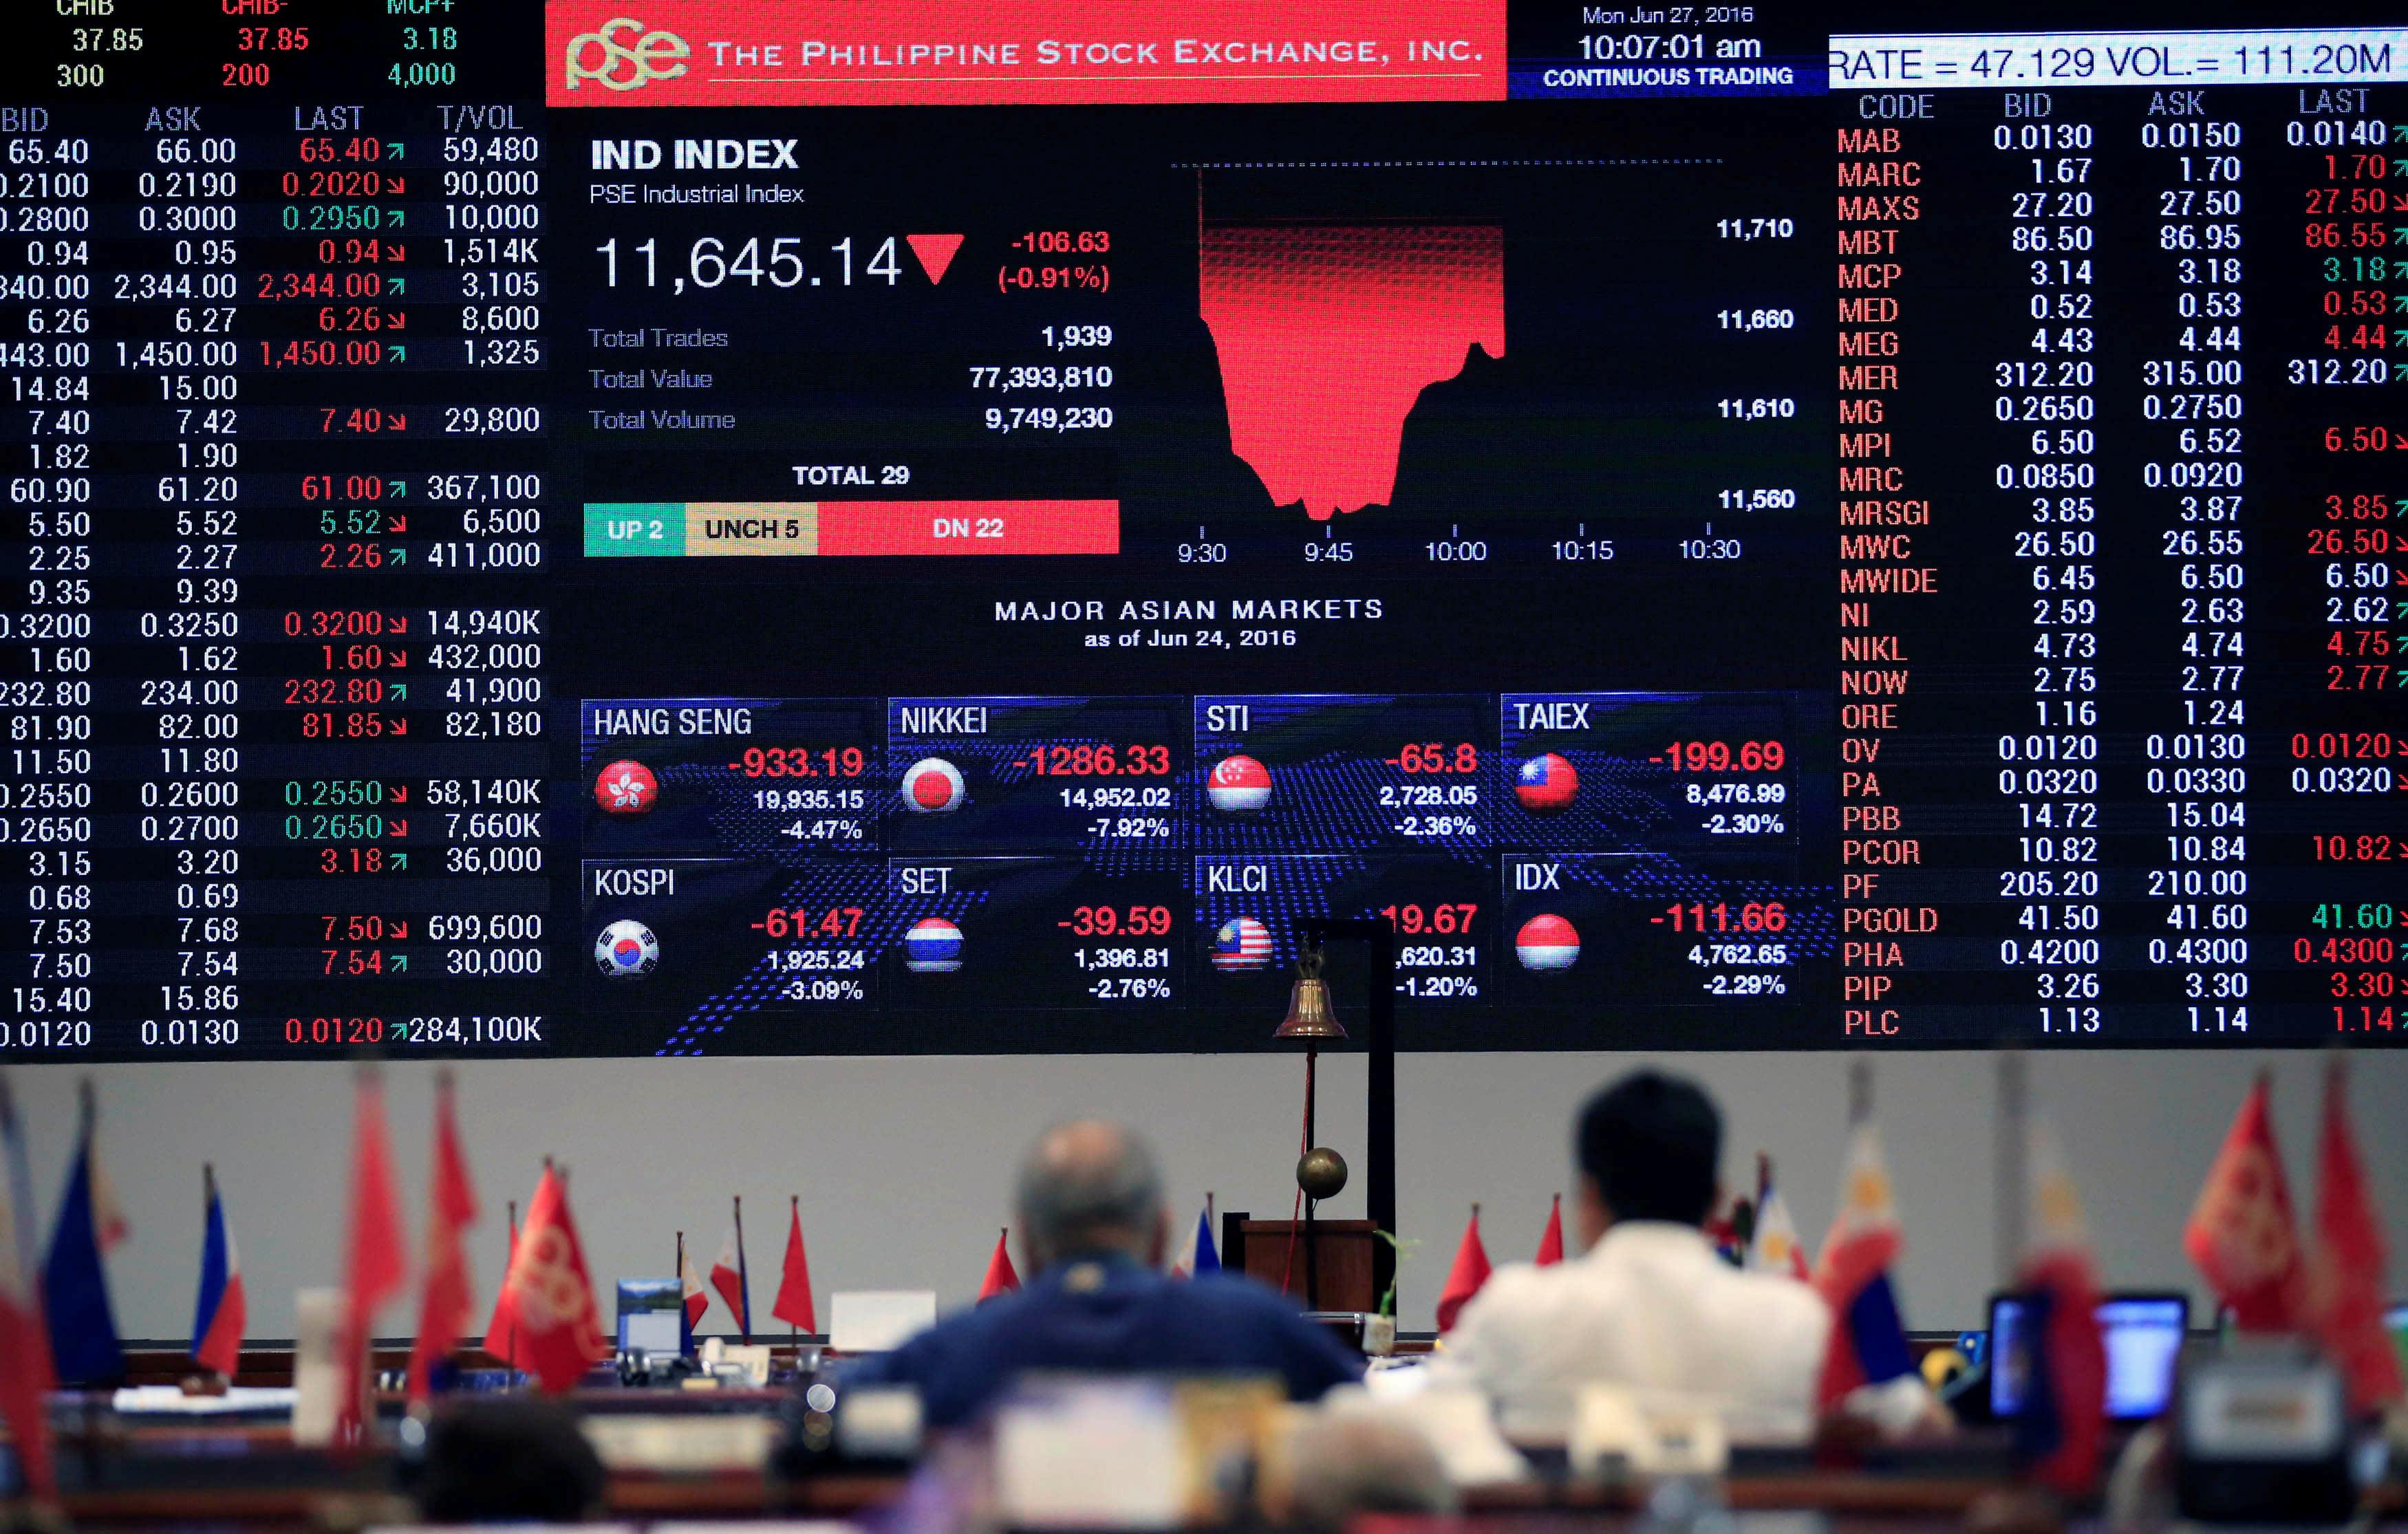 Vừa ngừng một phiên, Philippines thông báo mở cửa lại thị trường tài chính